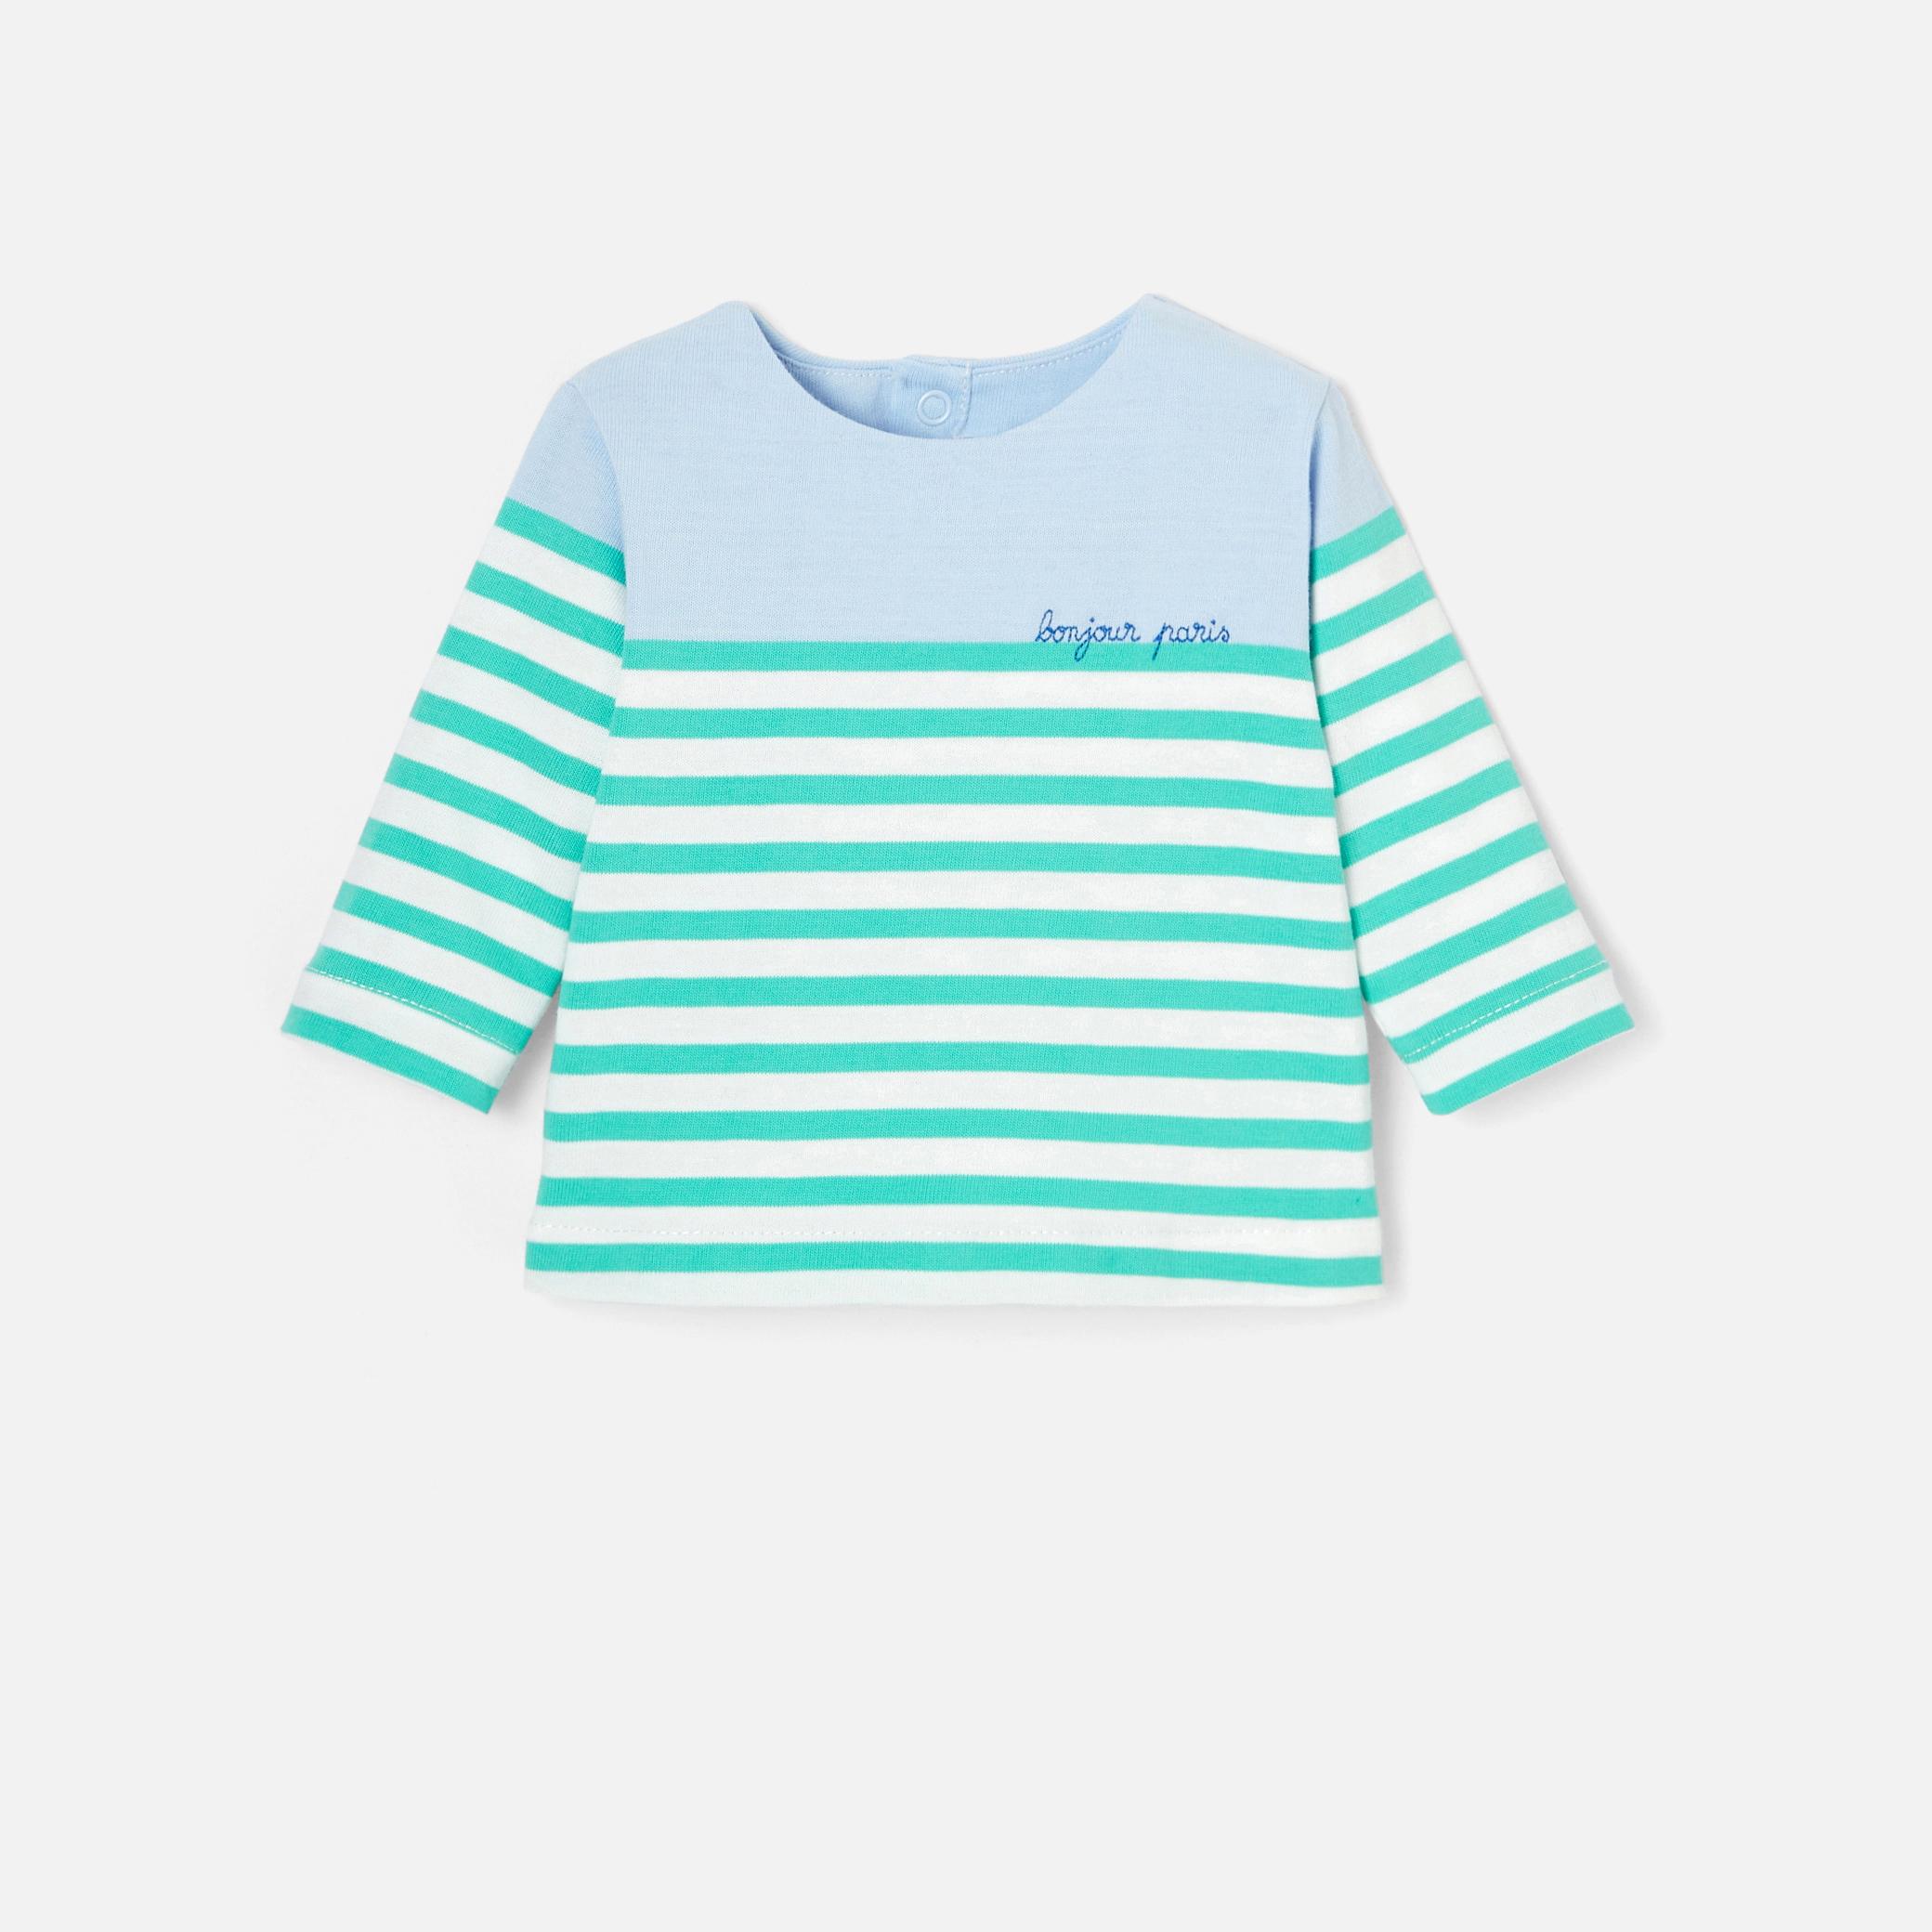 Baby boy sailor stripe shirt